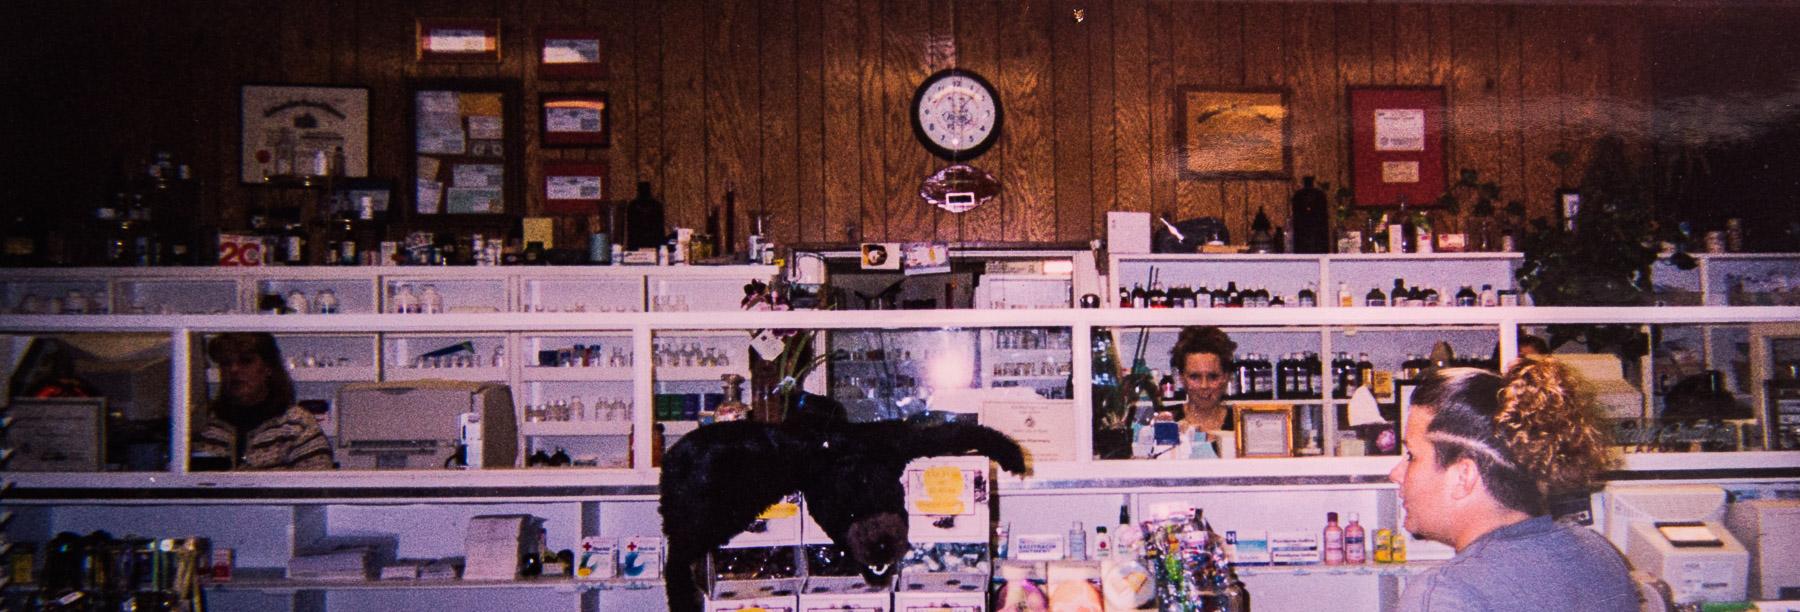 1990's Elmore Pharmacy Photo